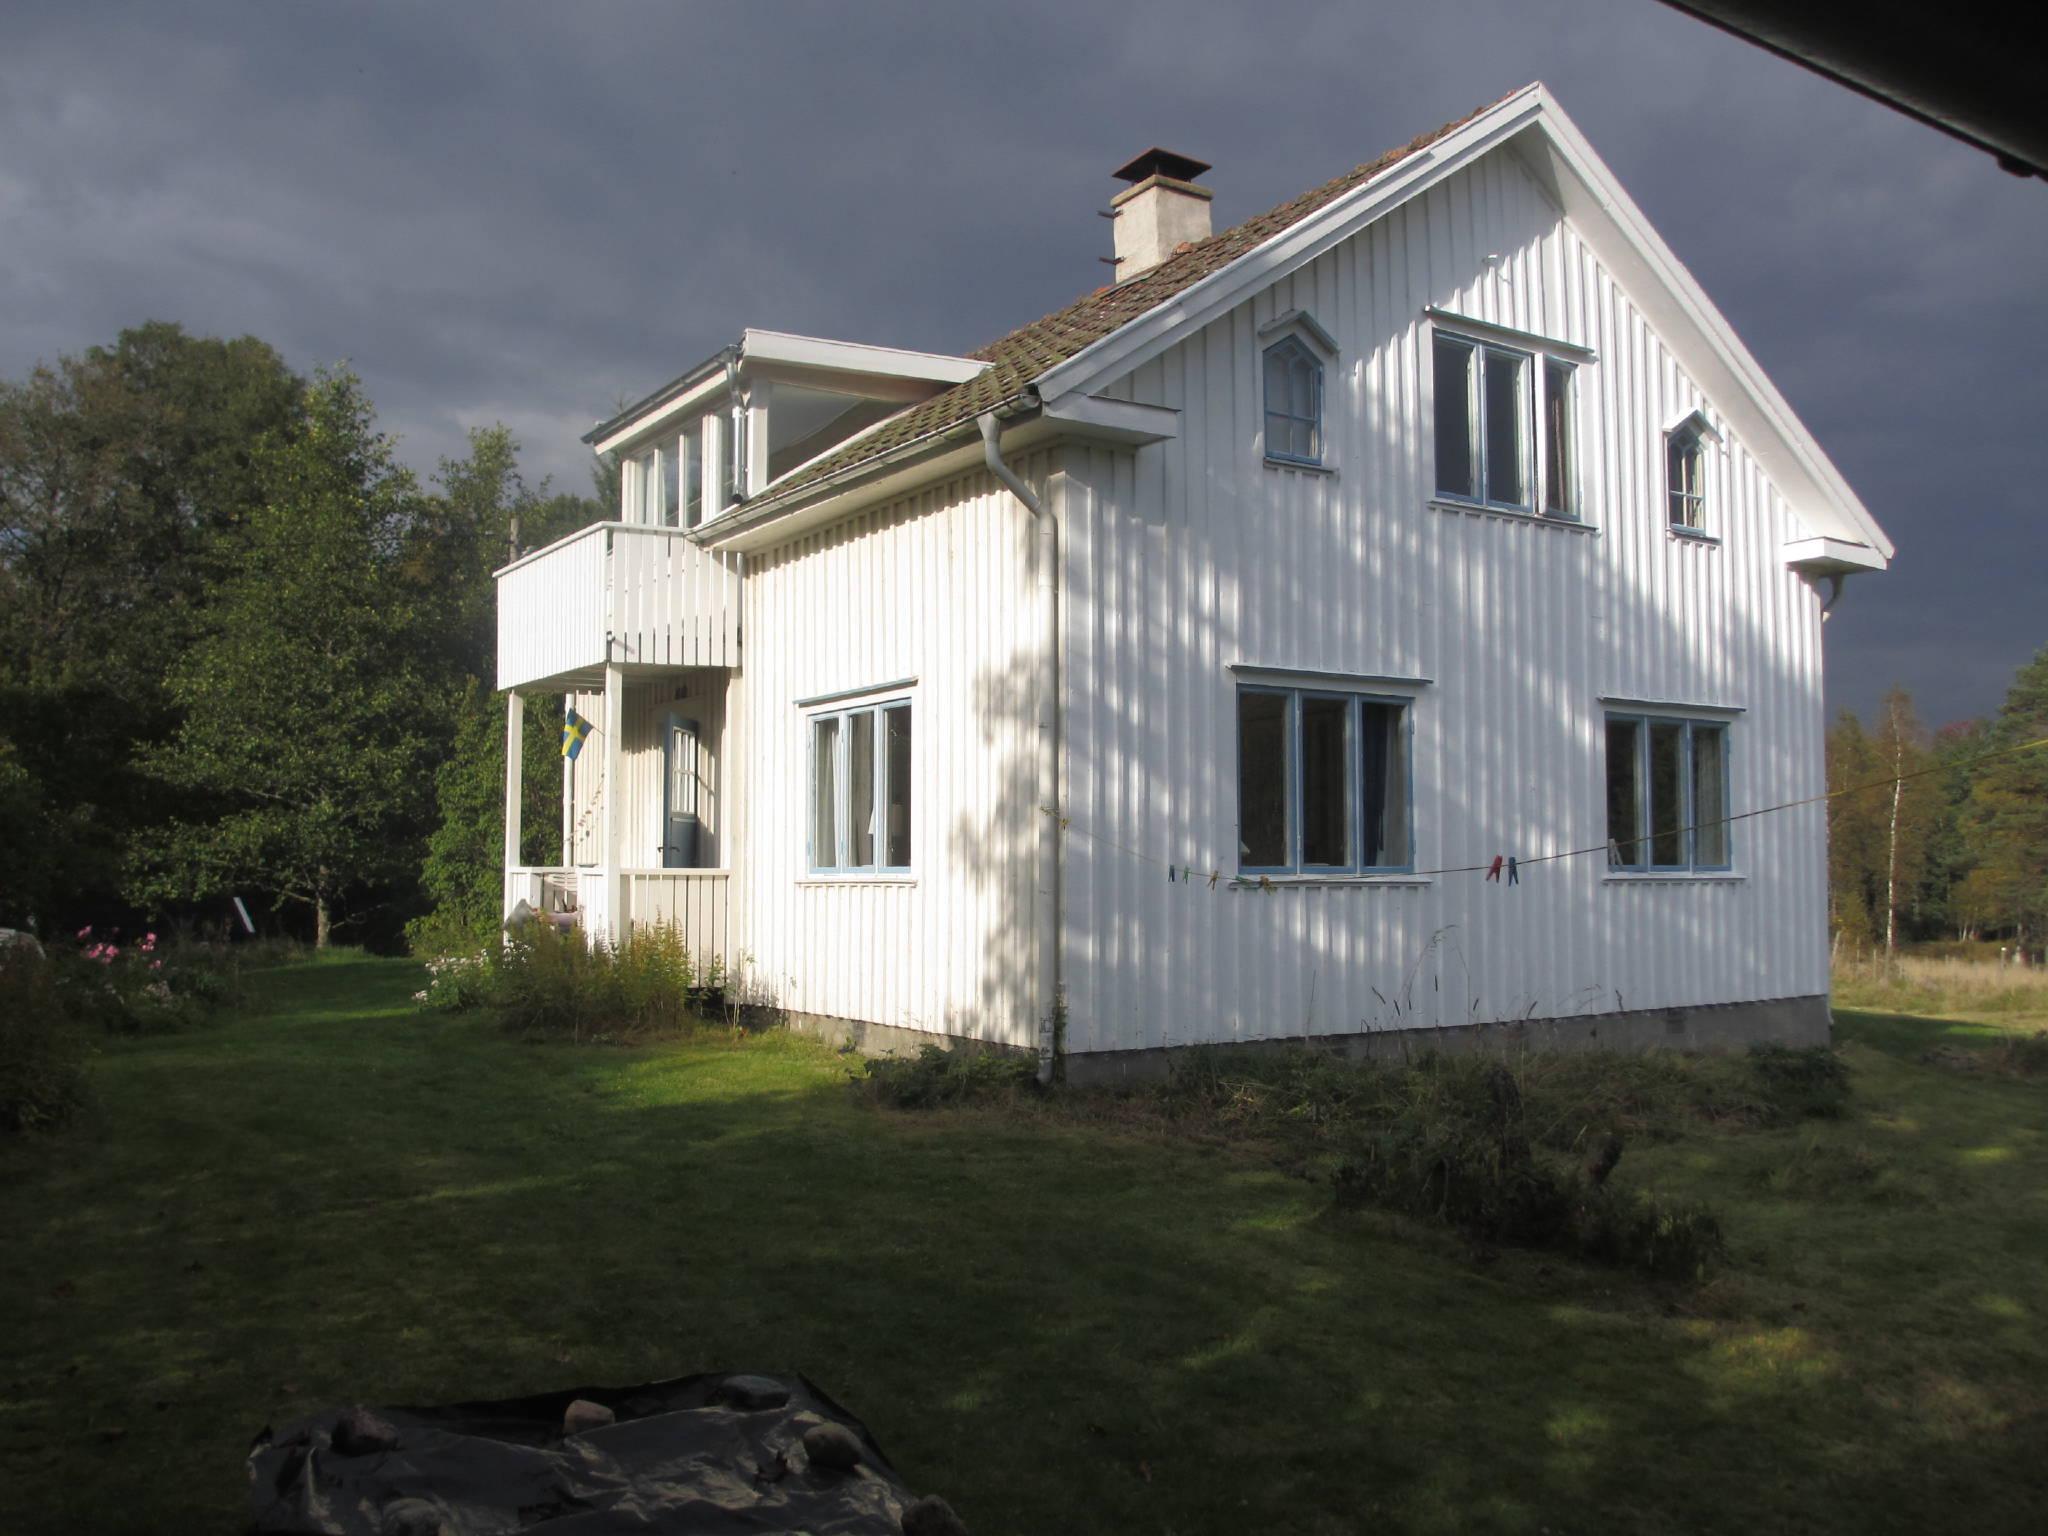 Sauna und Wohnhaus am See